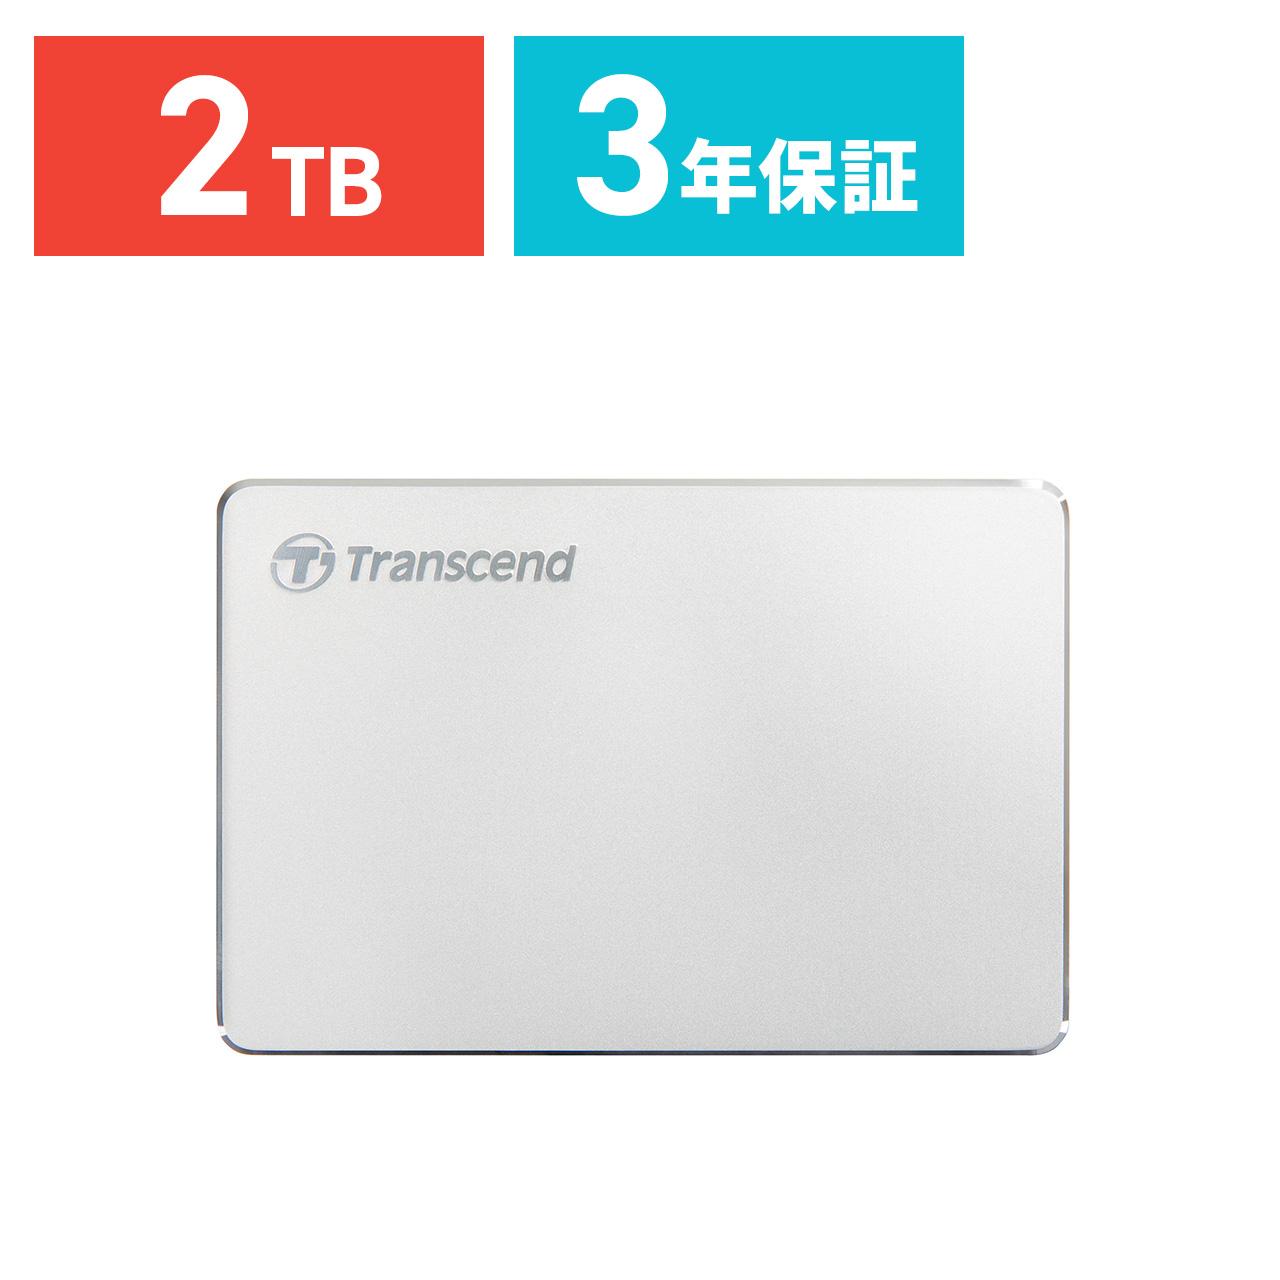 Transcend ポータブルHDD 2TB USB3.1 2.5インチ スリムポータブルHDD 耐衝撃 ハードディスク 外付けHDD ポータブルハードディスク[TS2TSJ25C3S]【送料無料】